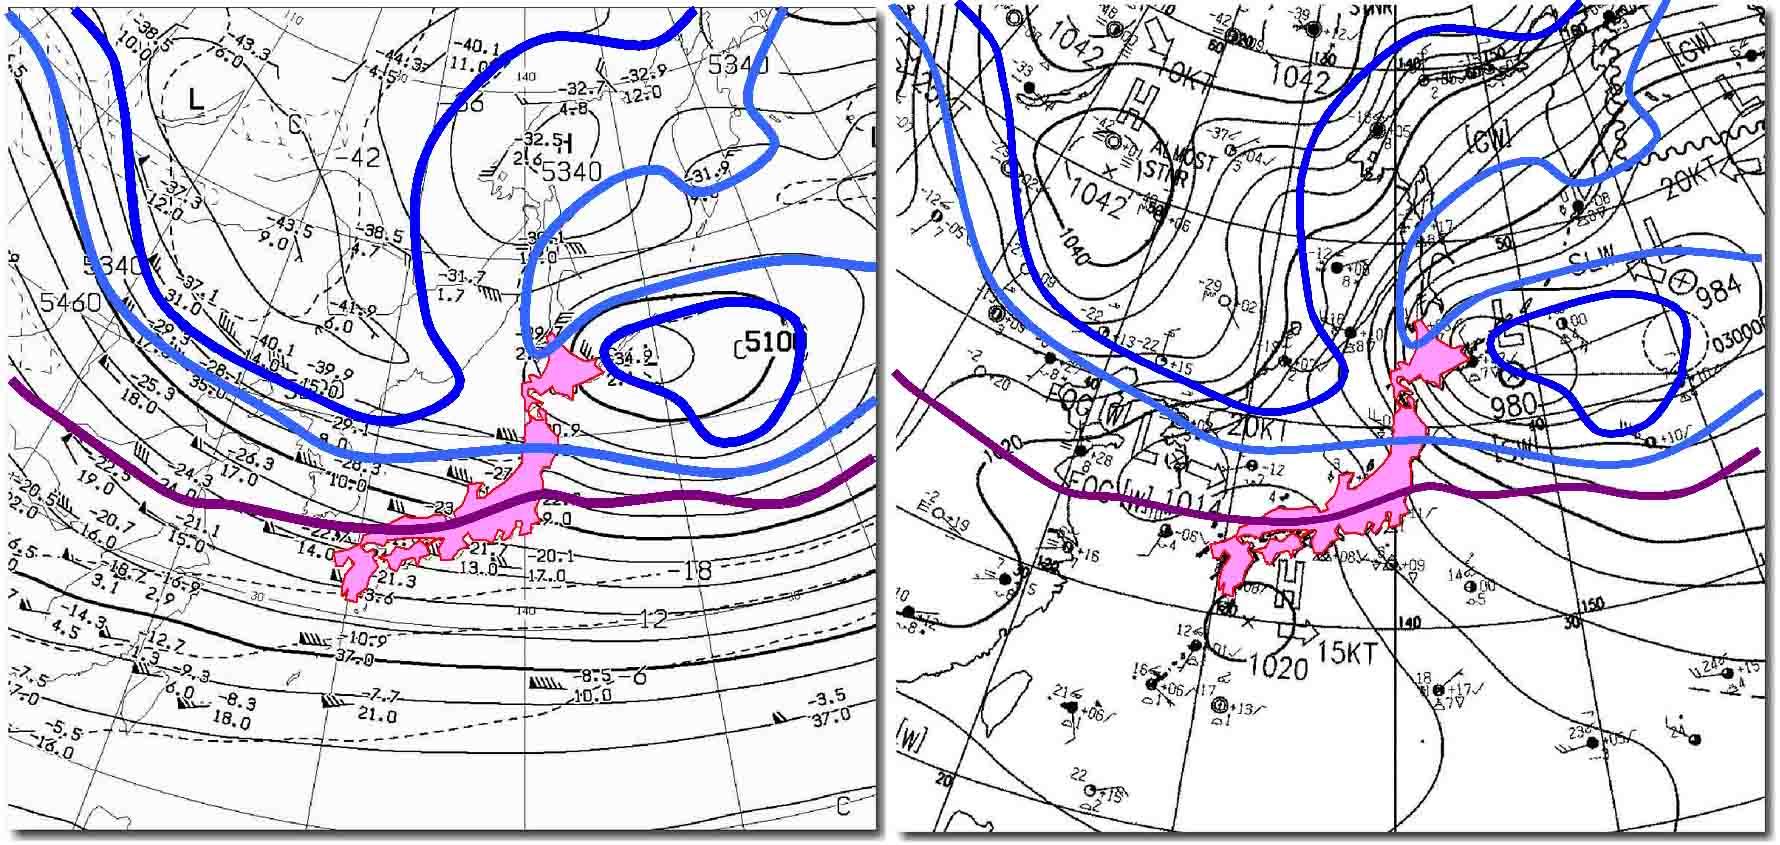 2010年01月02日09時の天気図(上空の気温)